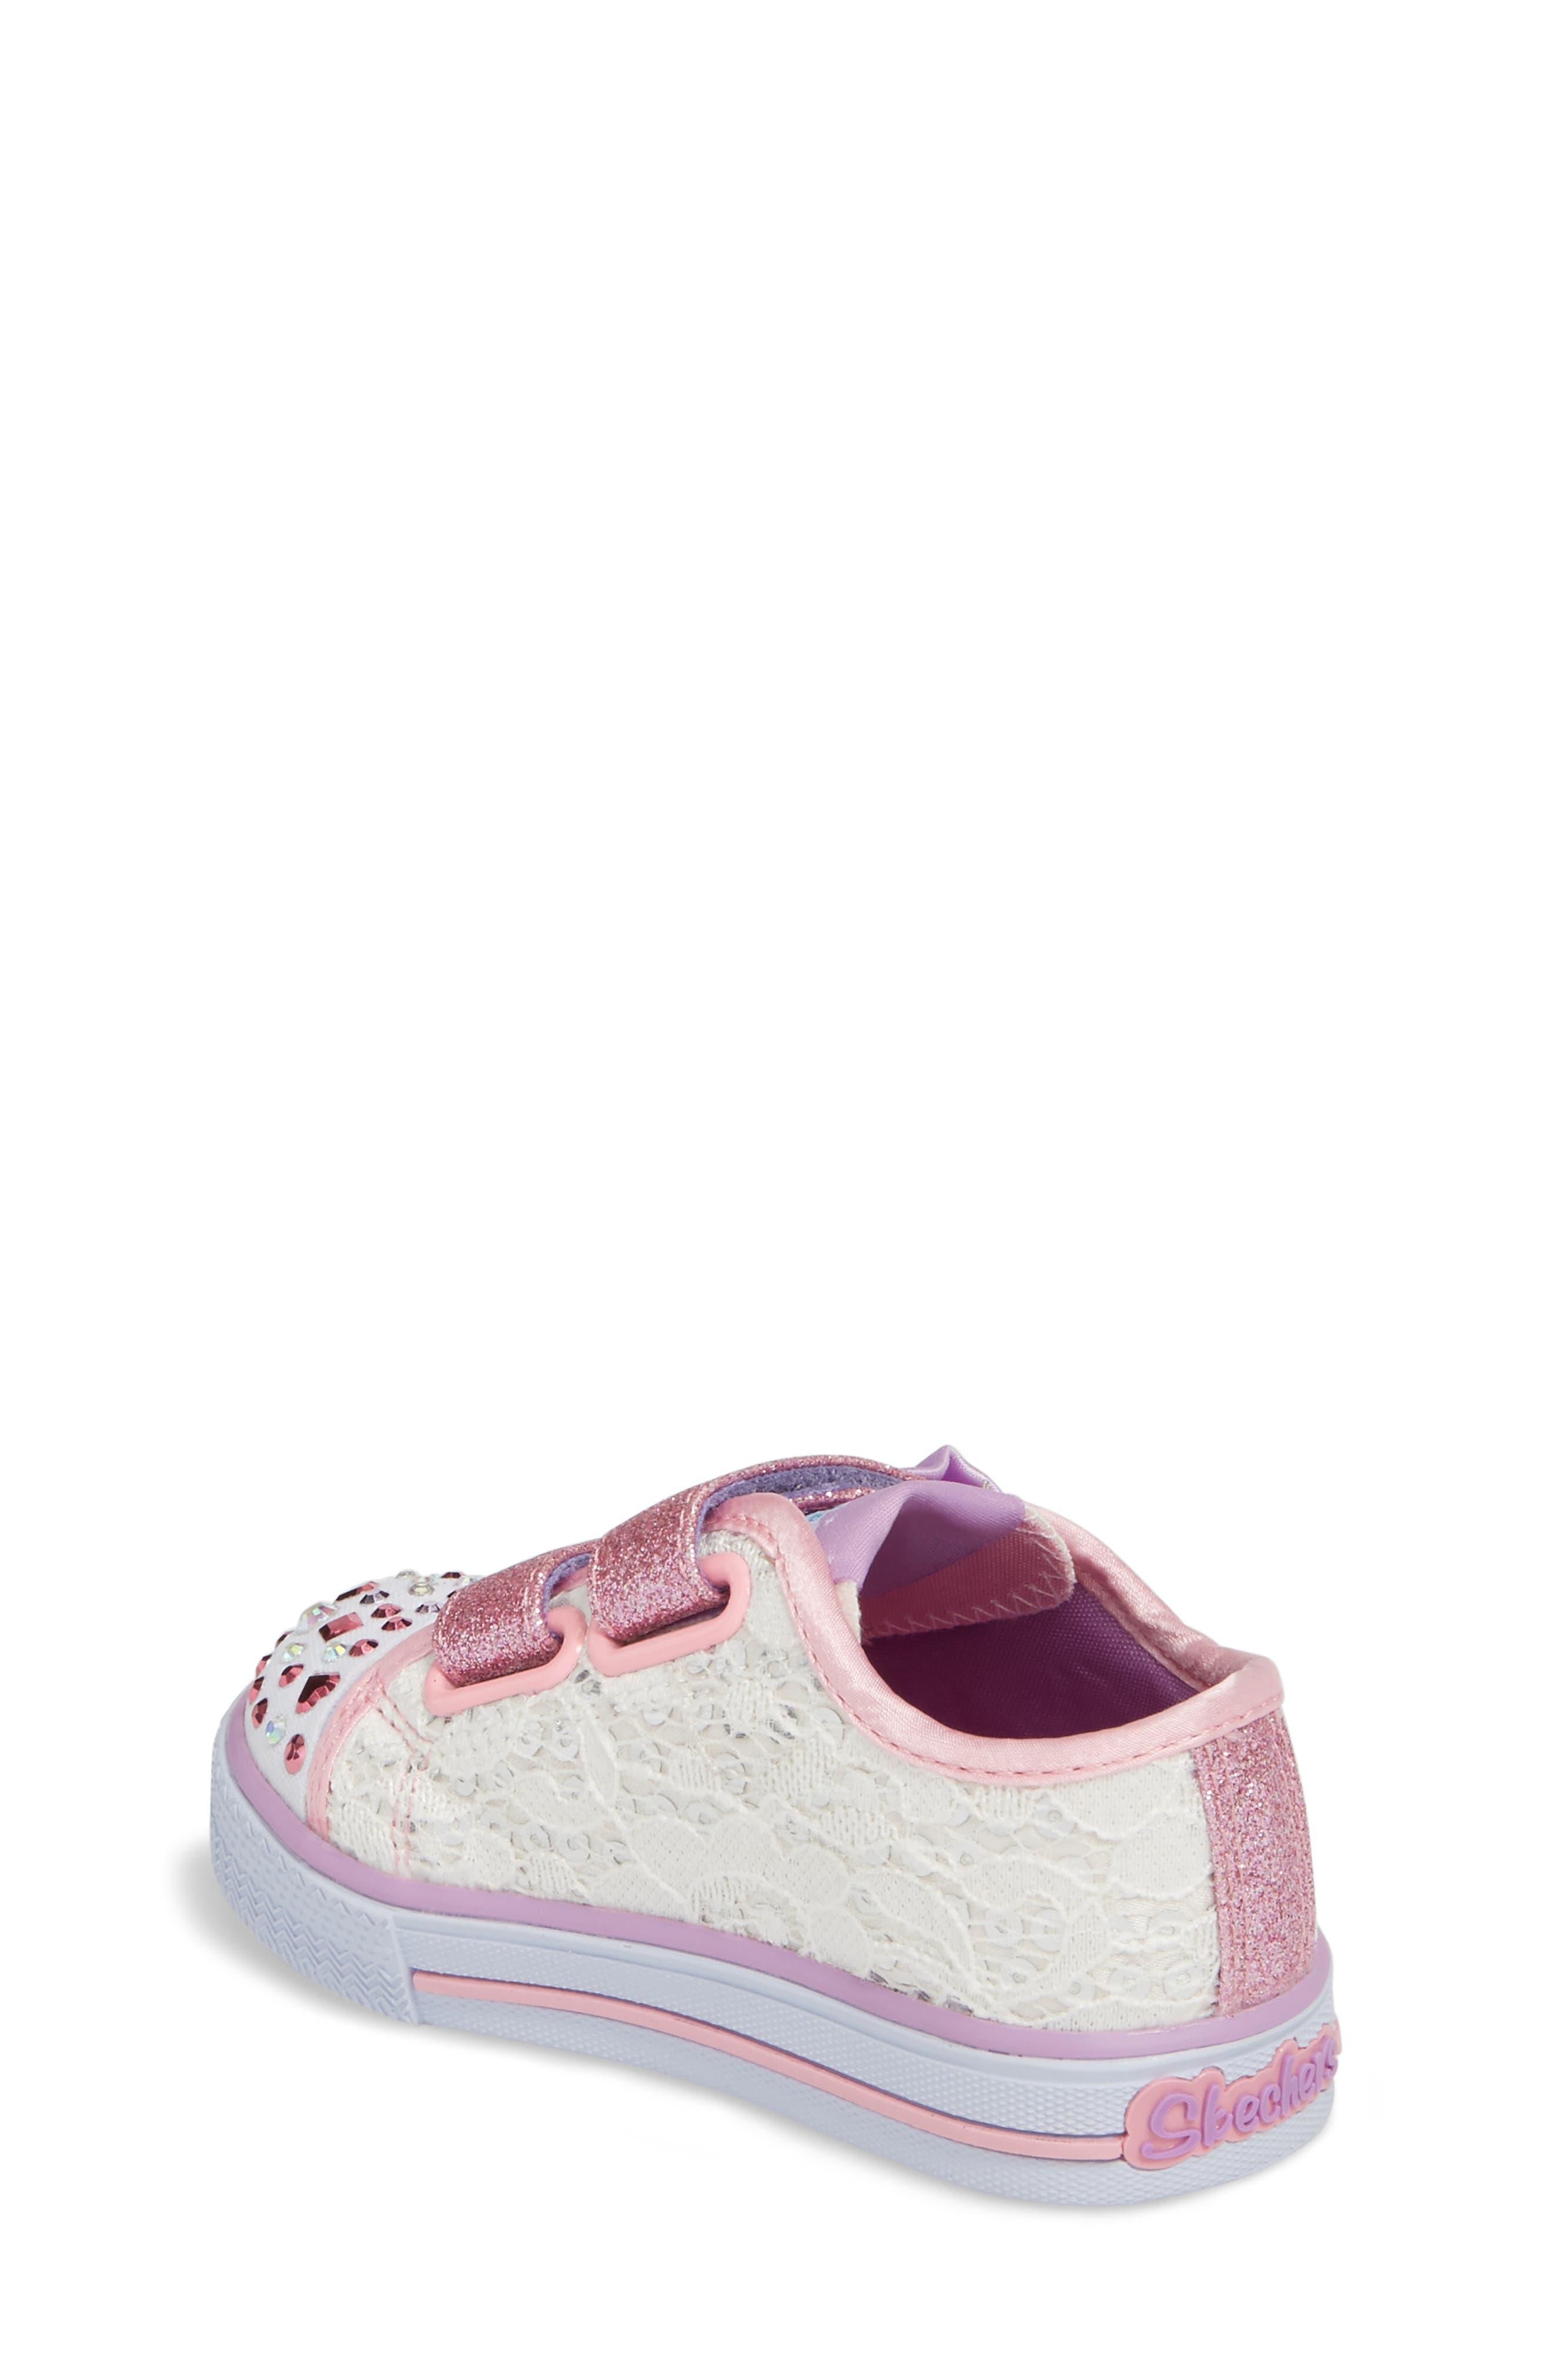 Twinkle Toes Shuffles Light-Up Glitter Sneaker,                             Alternate thumbnail 2, color,                             100